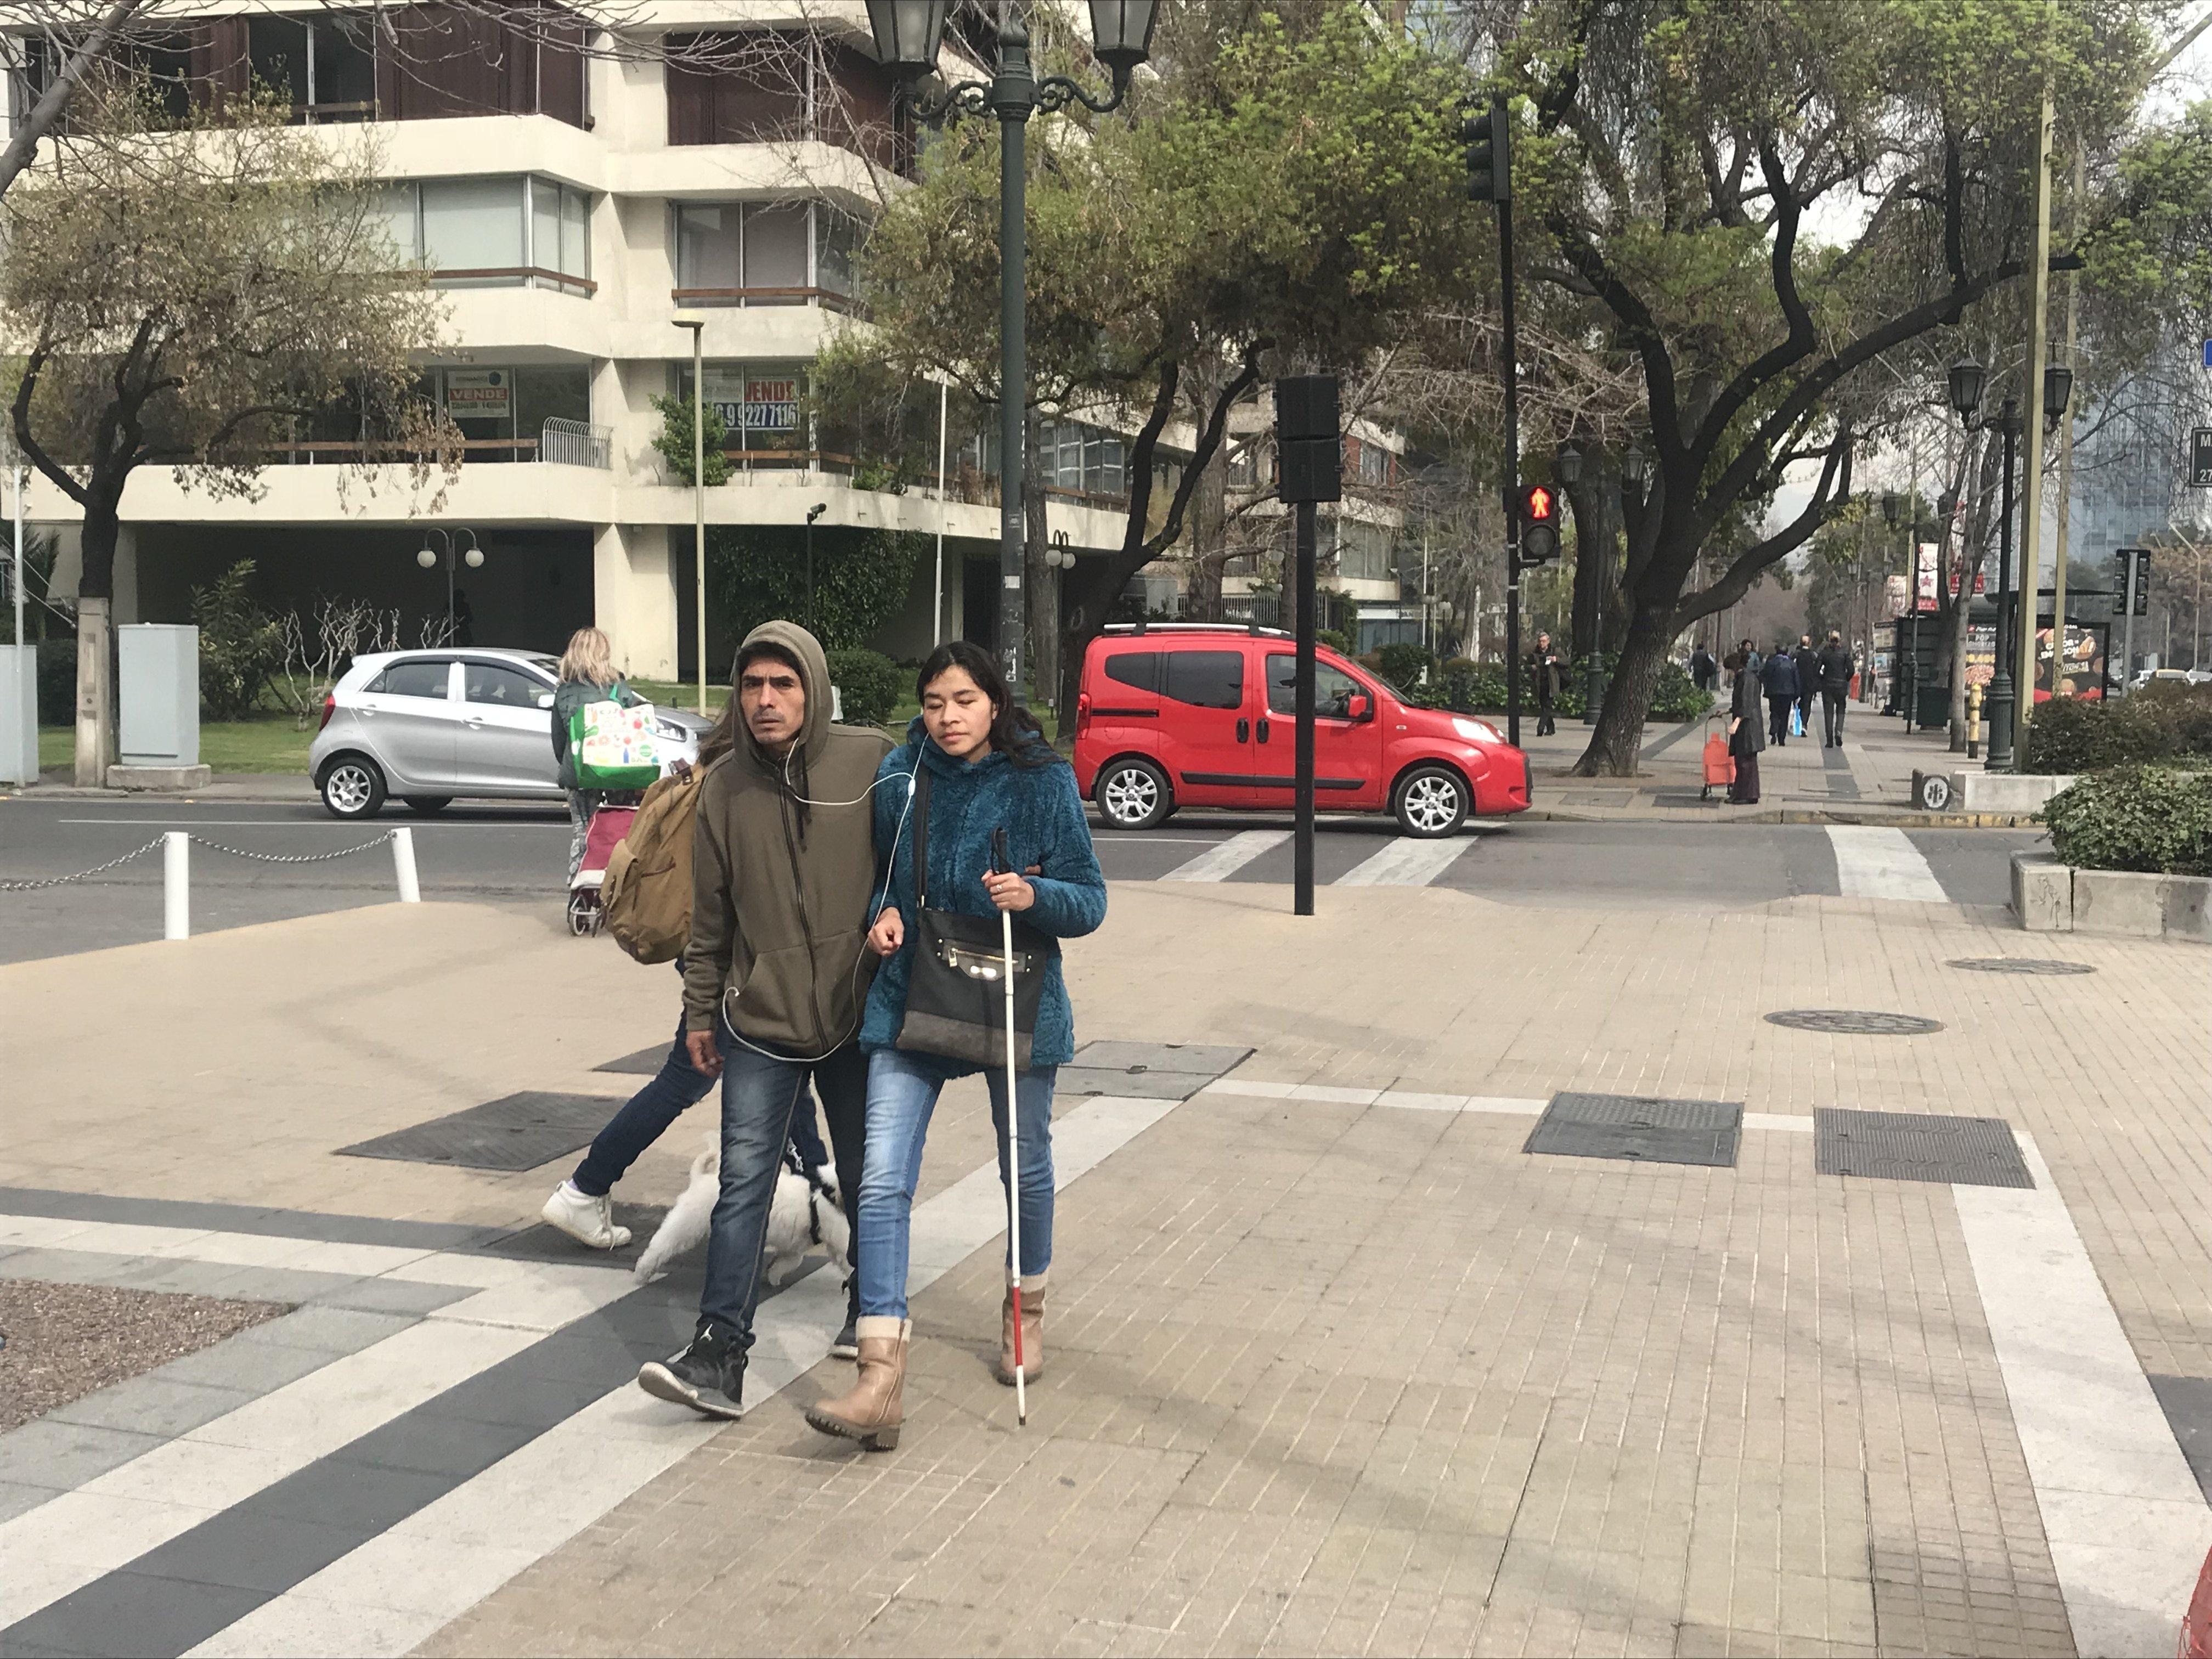 una persona ciega con acompañante circulando por una vereda de calle apoquindo comuna de Las Condes